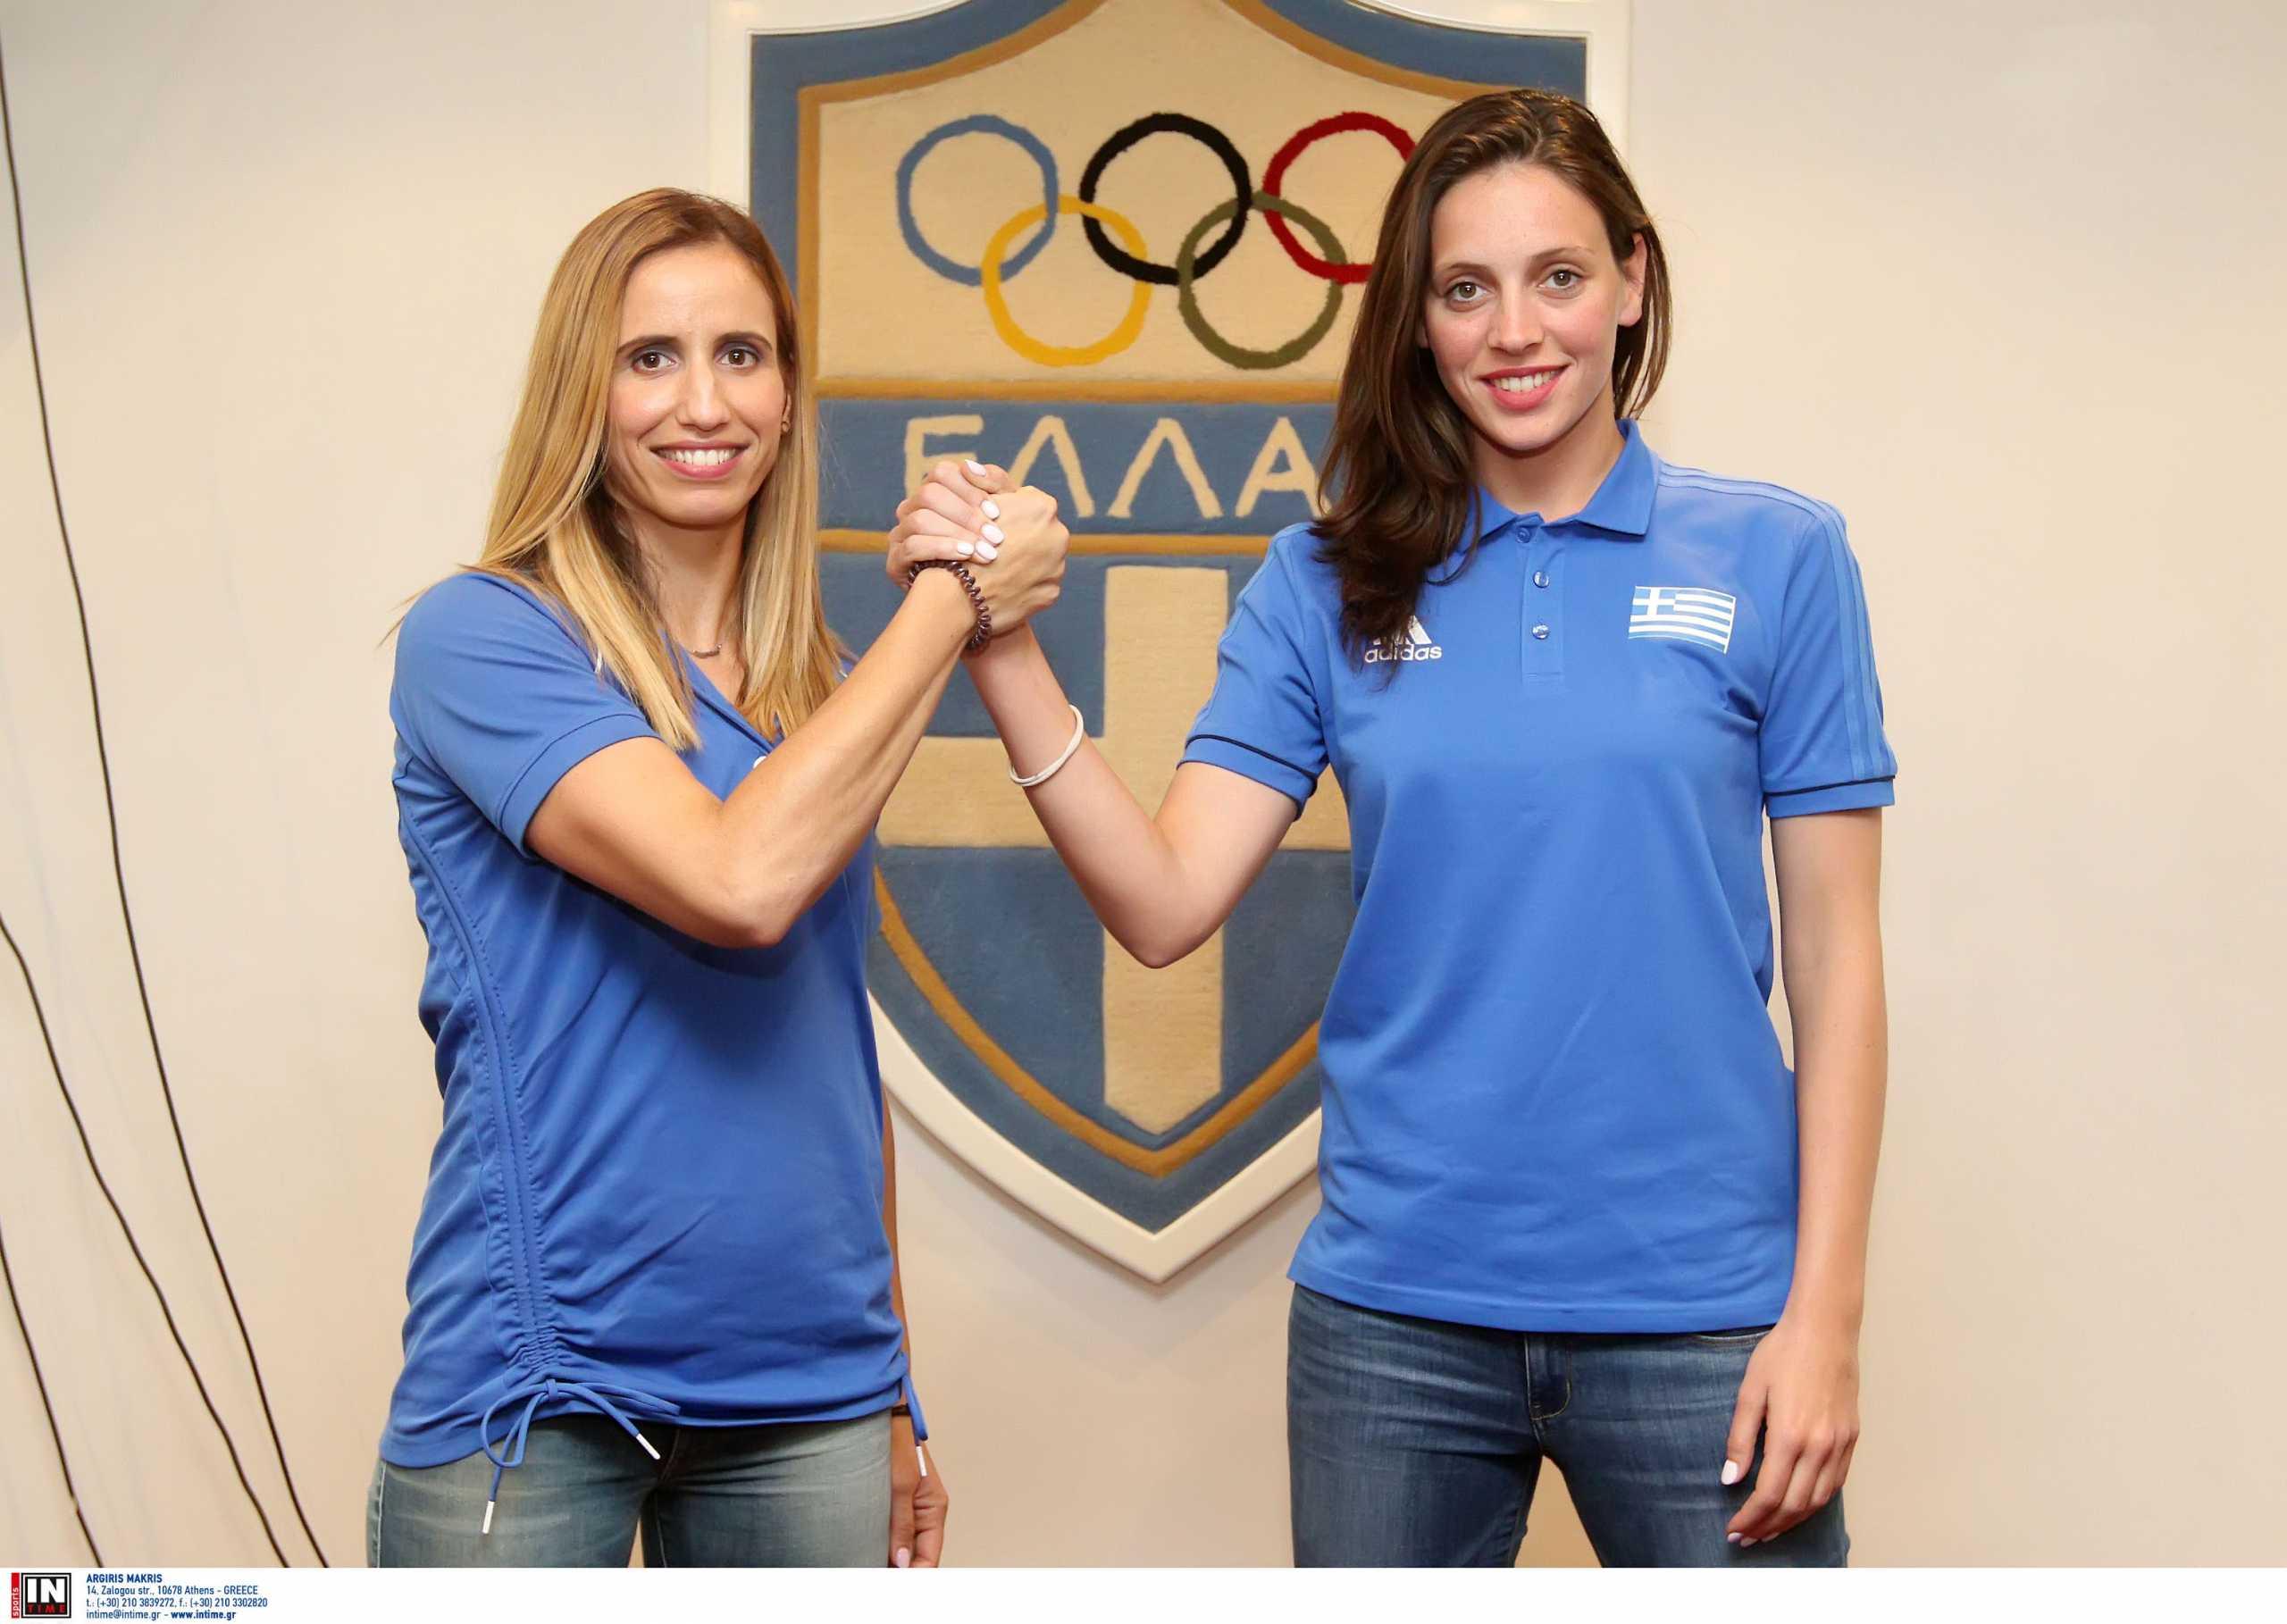 Ολυμπιακοί Αγώνες: Αποκλείστηκαν Αρβανίτη και Καραγκούνη – Χωρίς εκπρόσωπο το ελληνικό μπιτς βόλεϊ